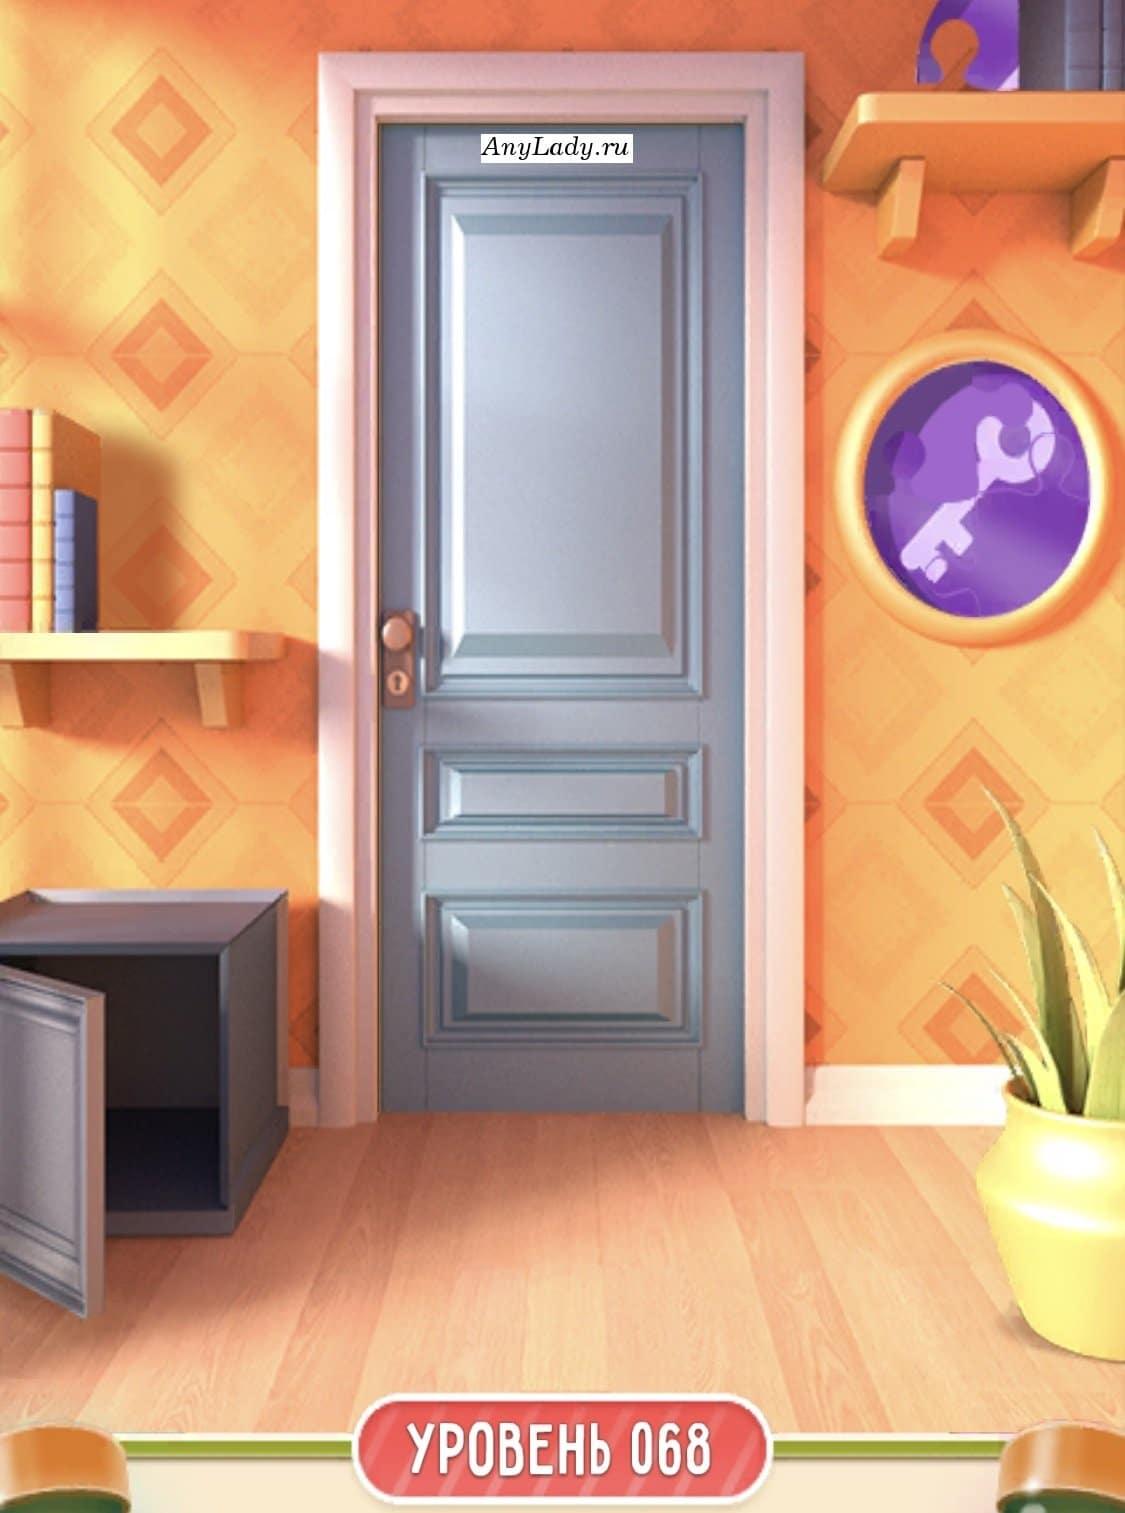 В комнате спрятаны фиолетовые пазлы с изображением ключа, Вам необходимо их найти и собрать в единую картинку. Картинка будет собрана в круглой рамке справа и дверь откроется.   Первый пазл выглядывает слева на полке, нажмите на него и он отправится в рамку. Далее отодвиньте книги на этой полке и возьмите ключ, он откроет шкафчик снизу. В нем Вы обнаружите следующую деталь. На полу отодвиньте в право цветочный горшок и достаньте третий кусочек пазла. Над цветком за книгами последний пазл, берите его и путь свободен.